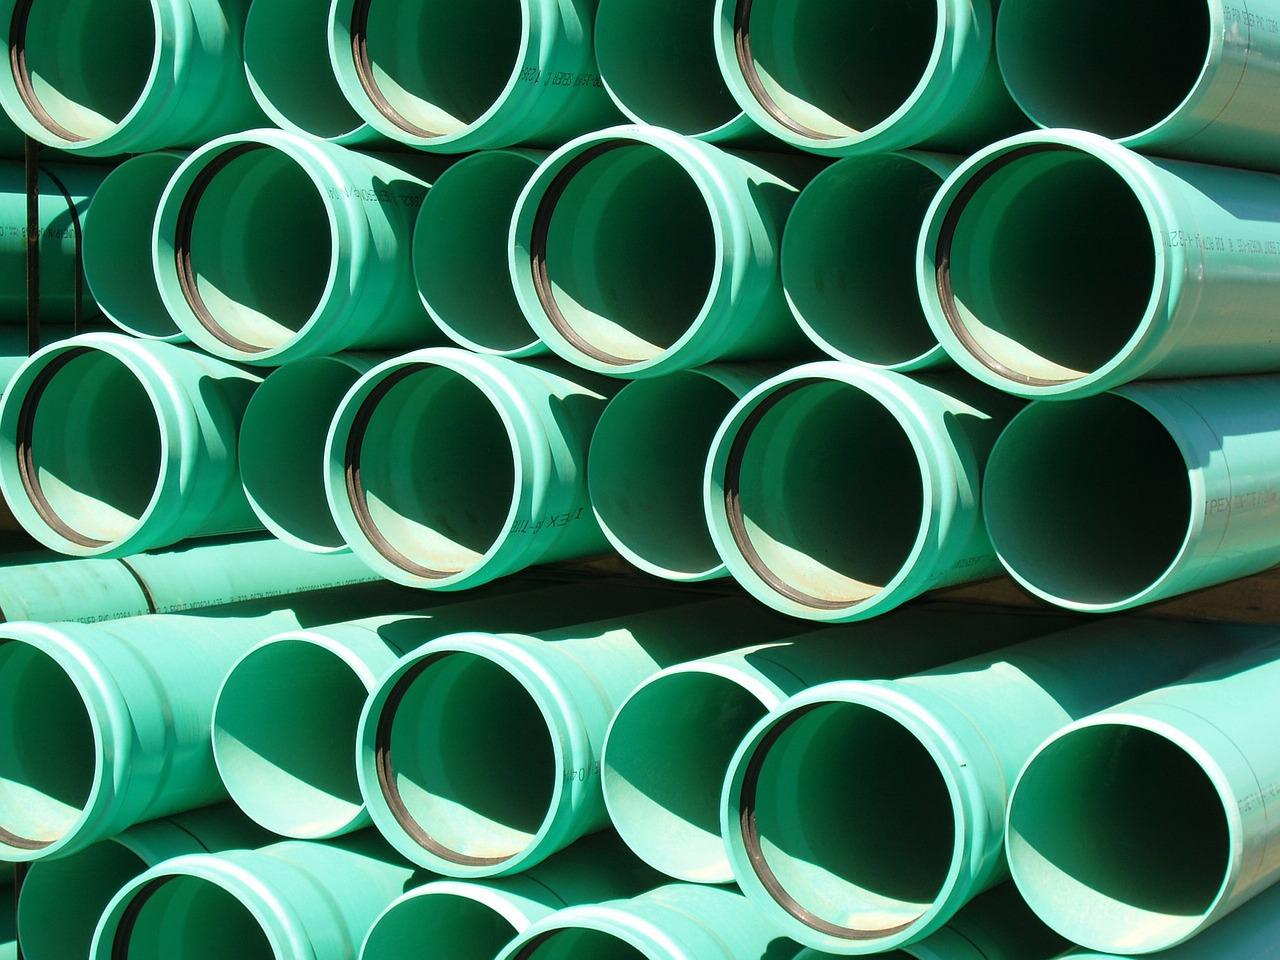 Les indices pour identifier une cassure de tuyaux encastrés